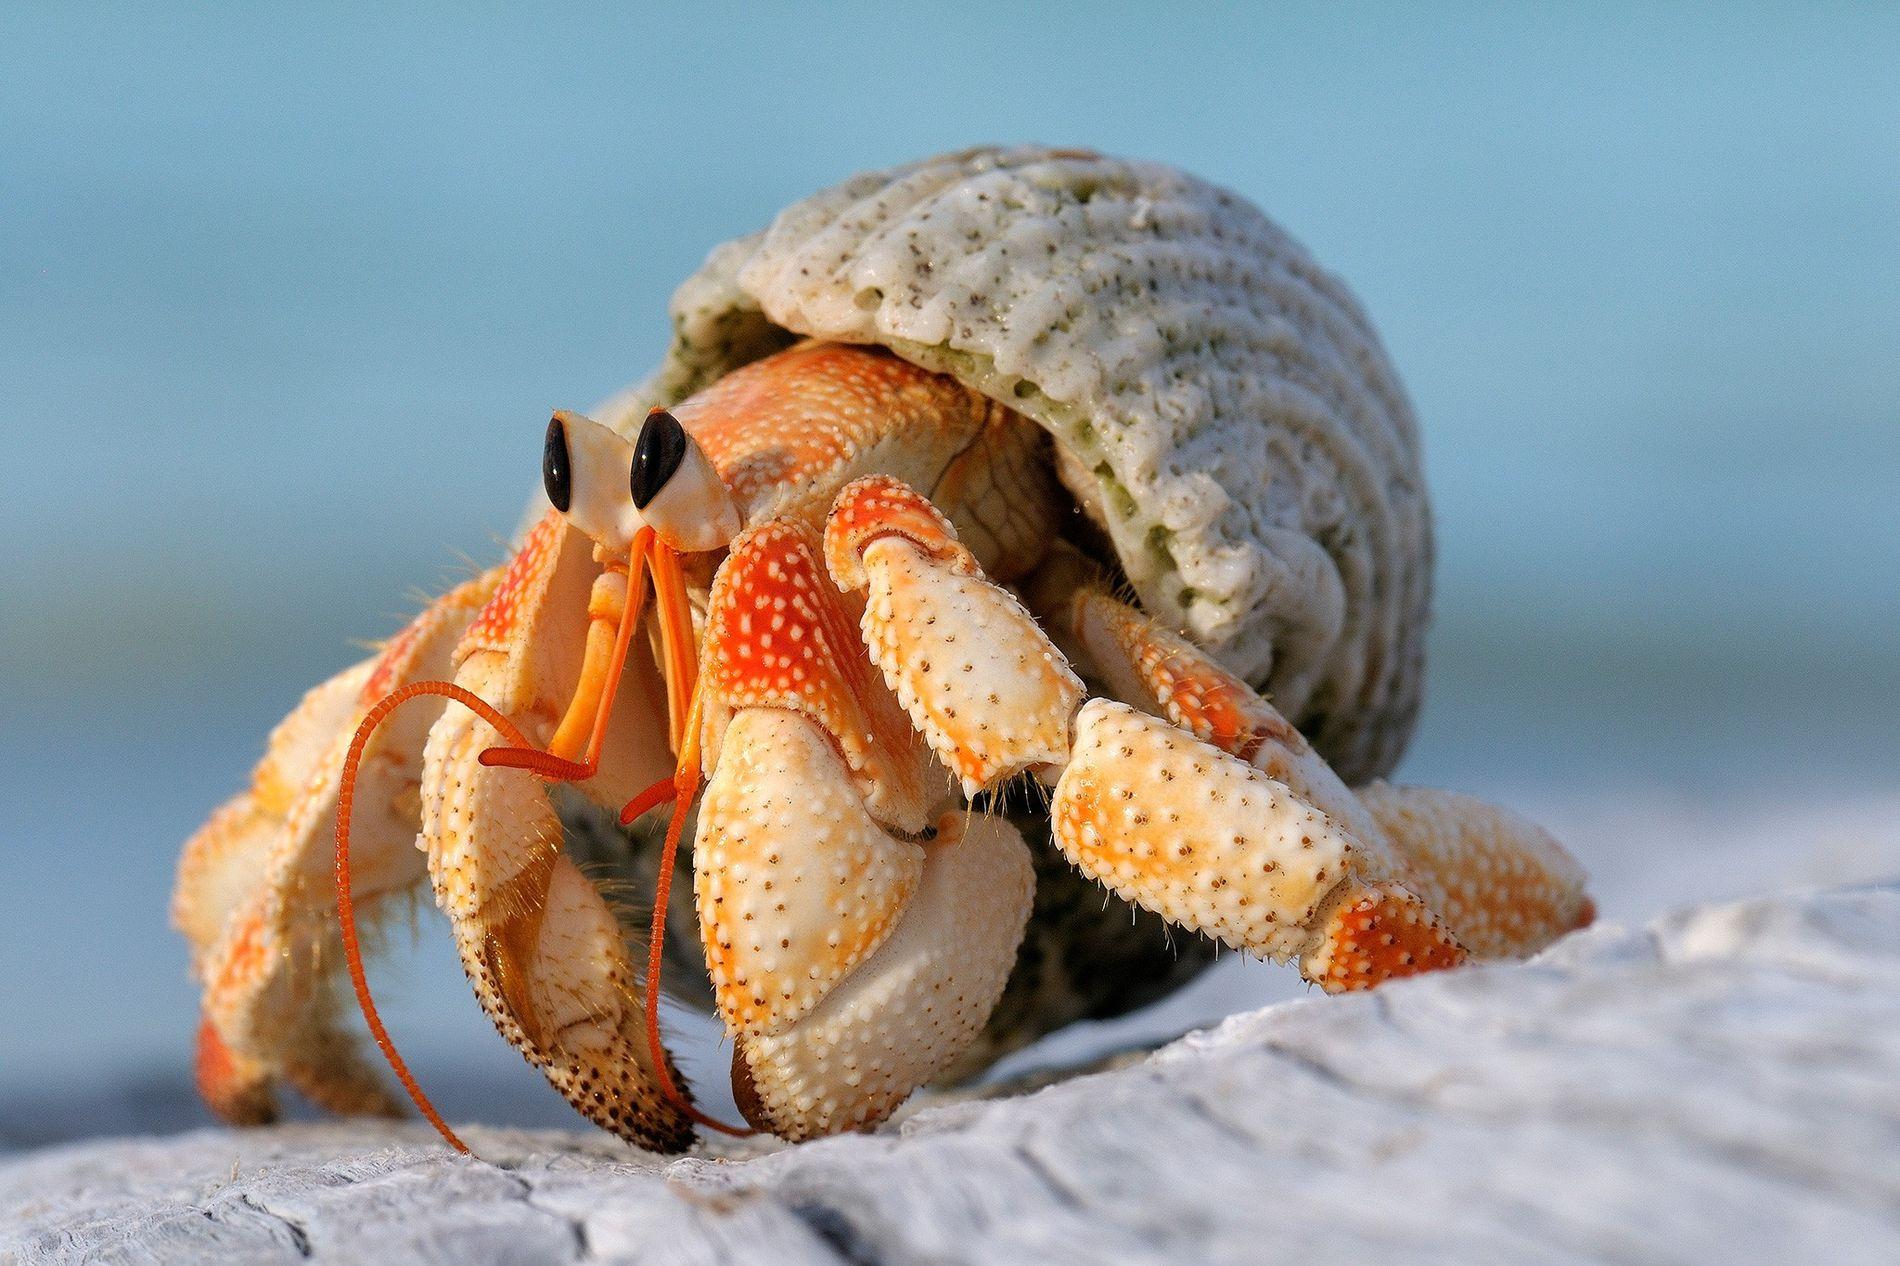 """Como alguns de seus parentes, os caranguejos-eremitas terrestres (Coenobita perlatus) de Seicheles gastam muita energia """"reformando"""" ..."""